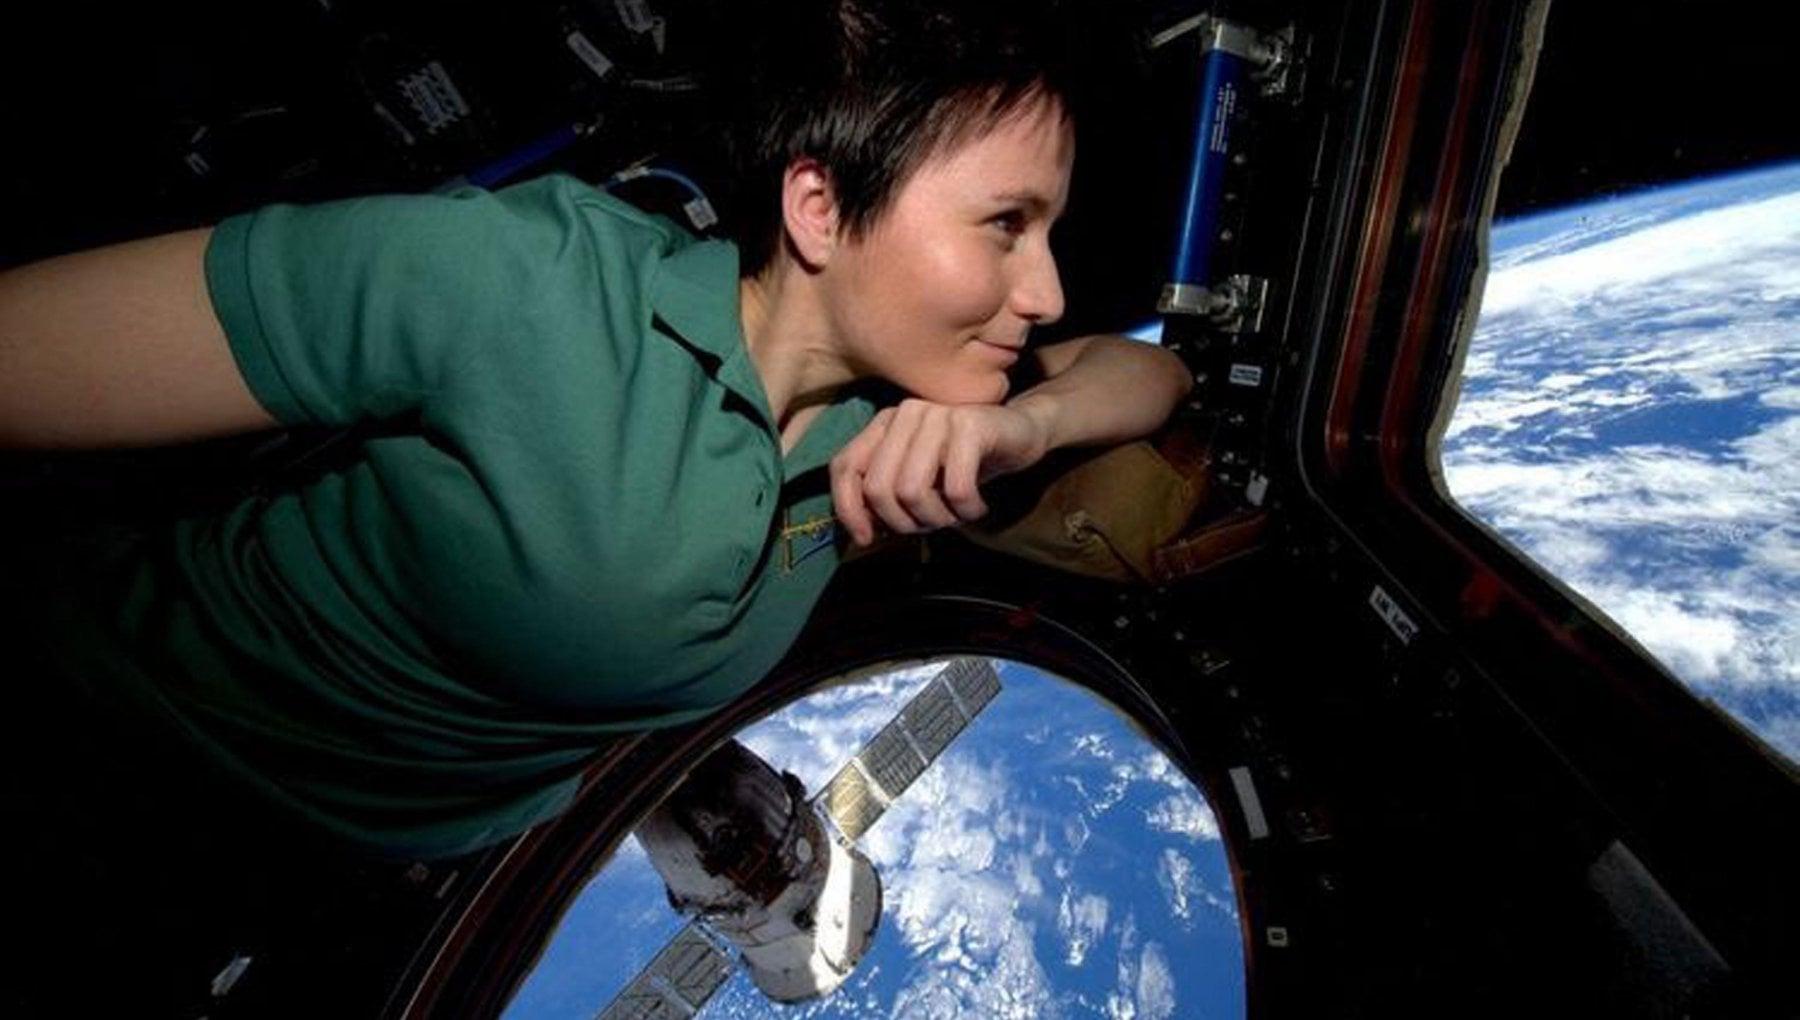 211112768 b12ead10 c713 4200 879e c33a9ef23d52 - Cristoforetti alla guida della stazione spaziale, prima donna europea